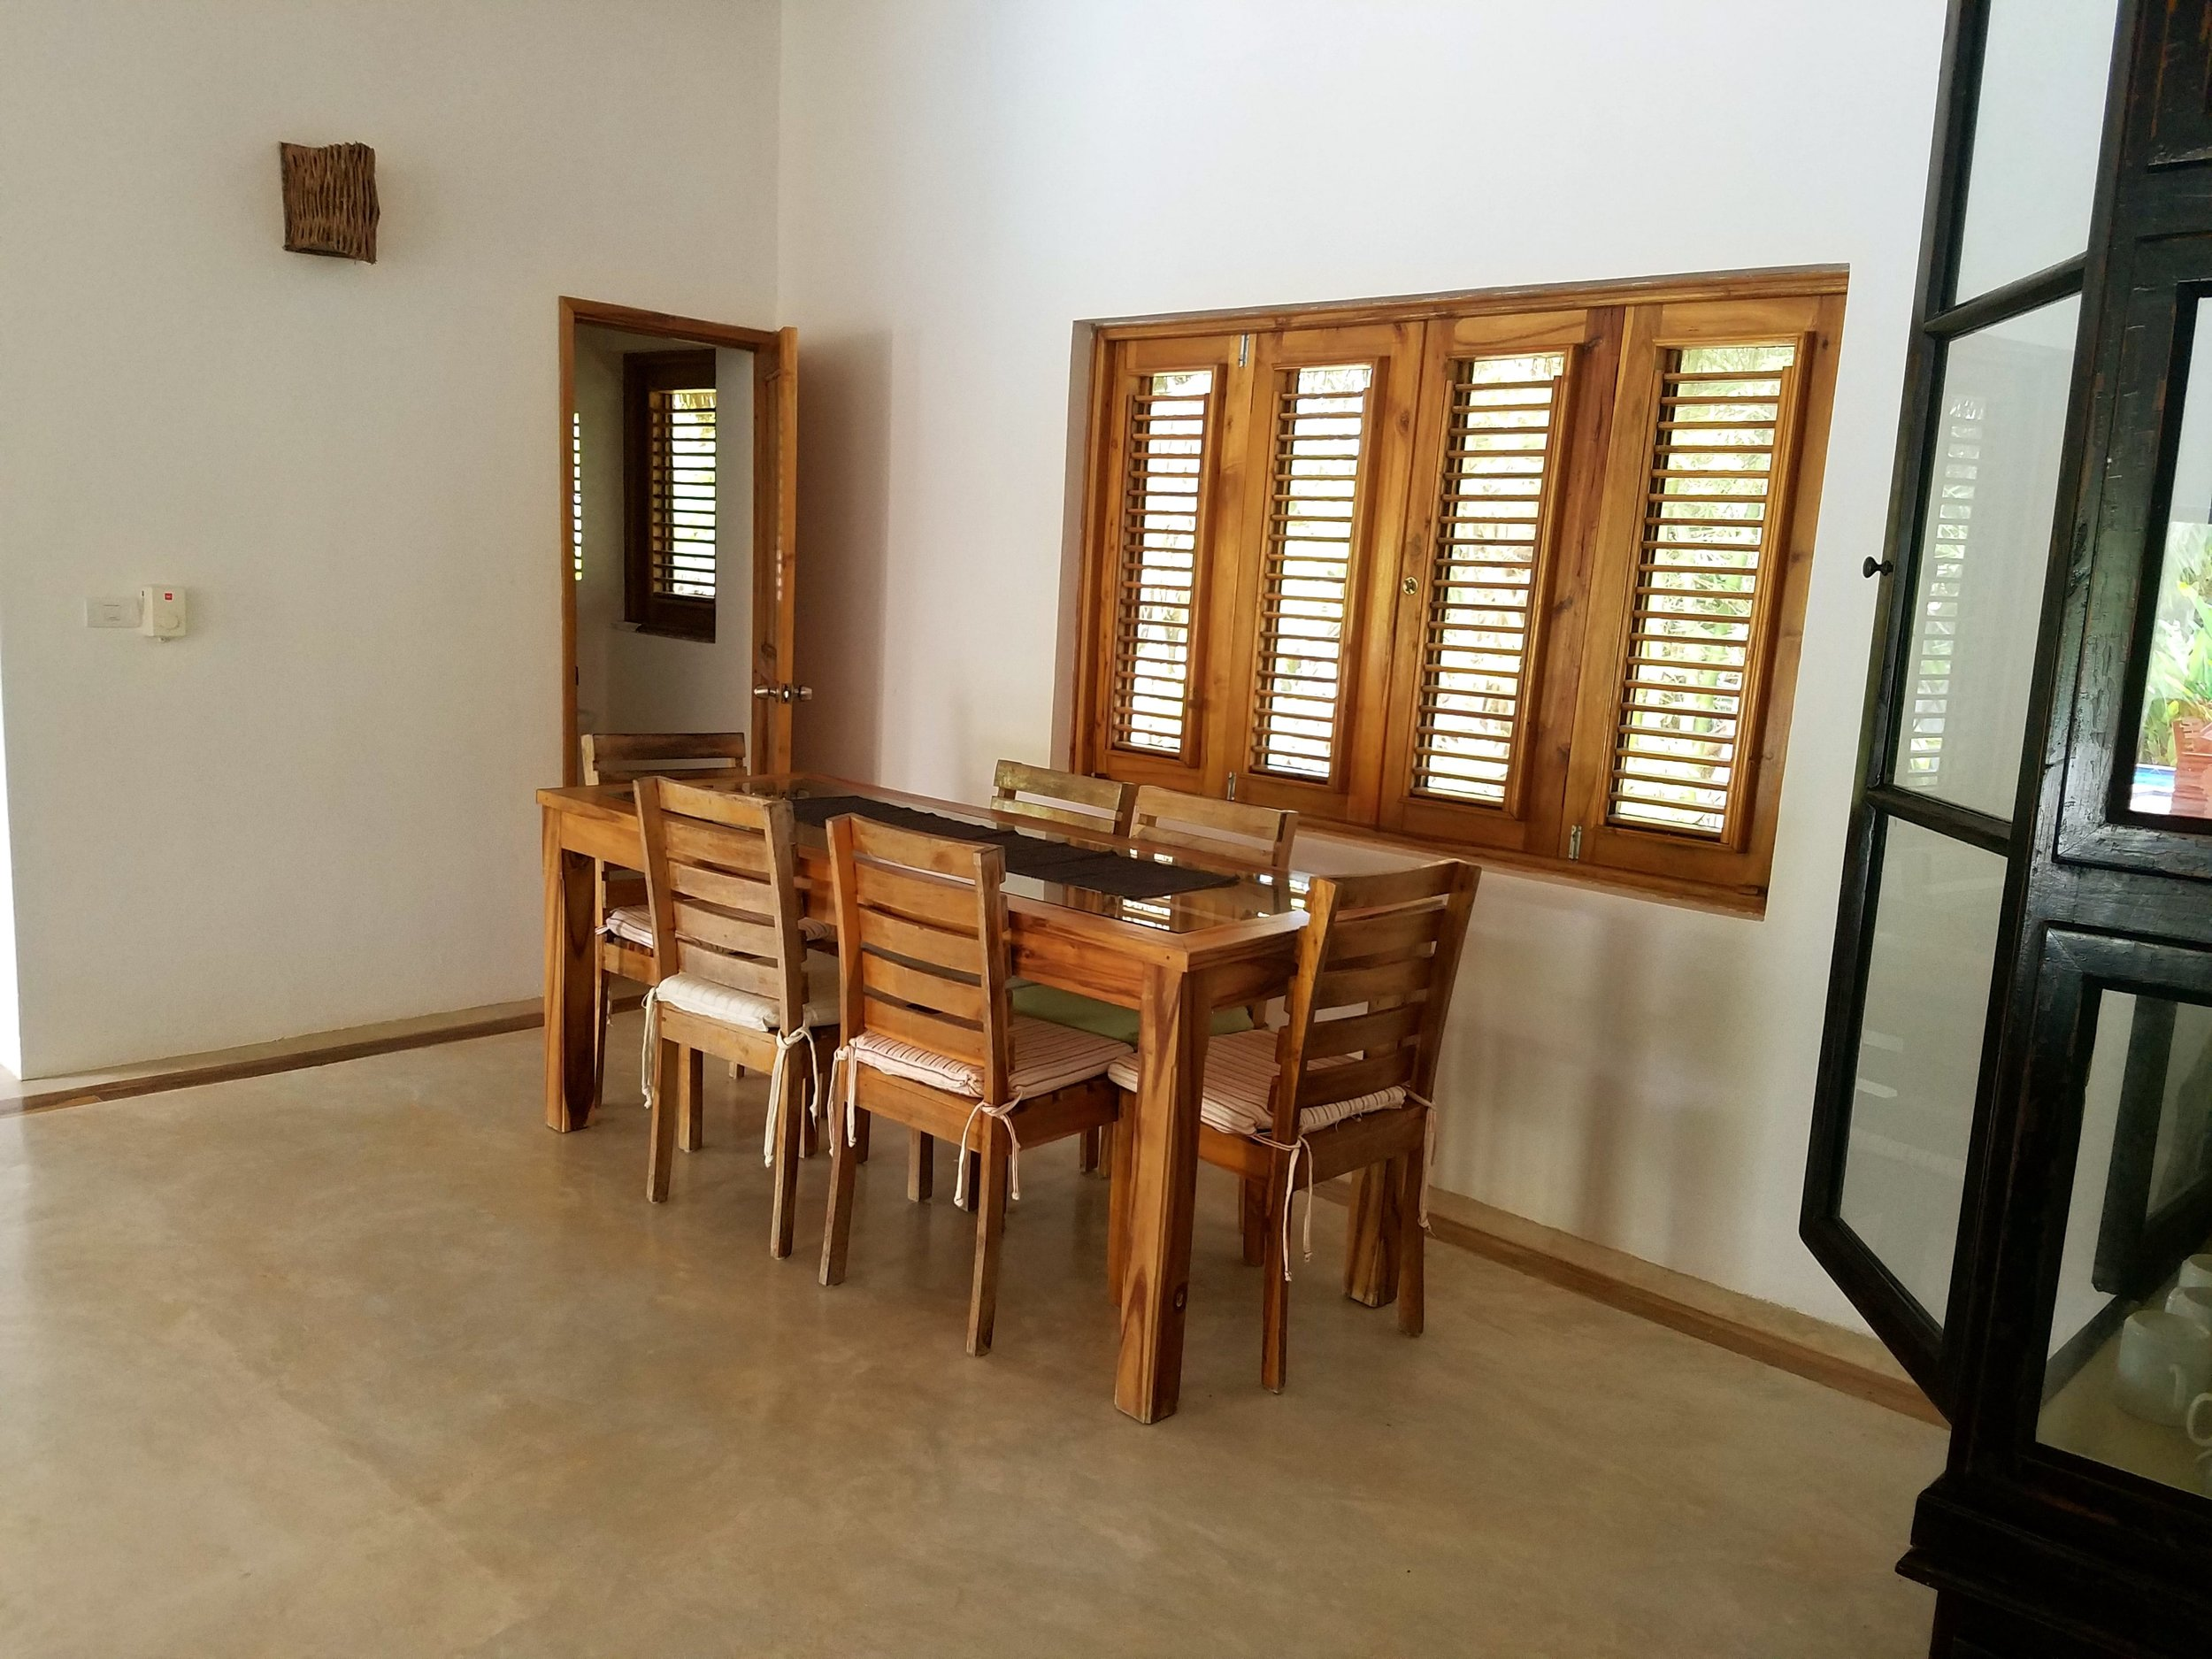 Villa las for rent Las Terrenas Las Flores14-min.jpg